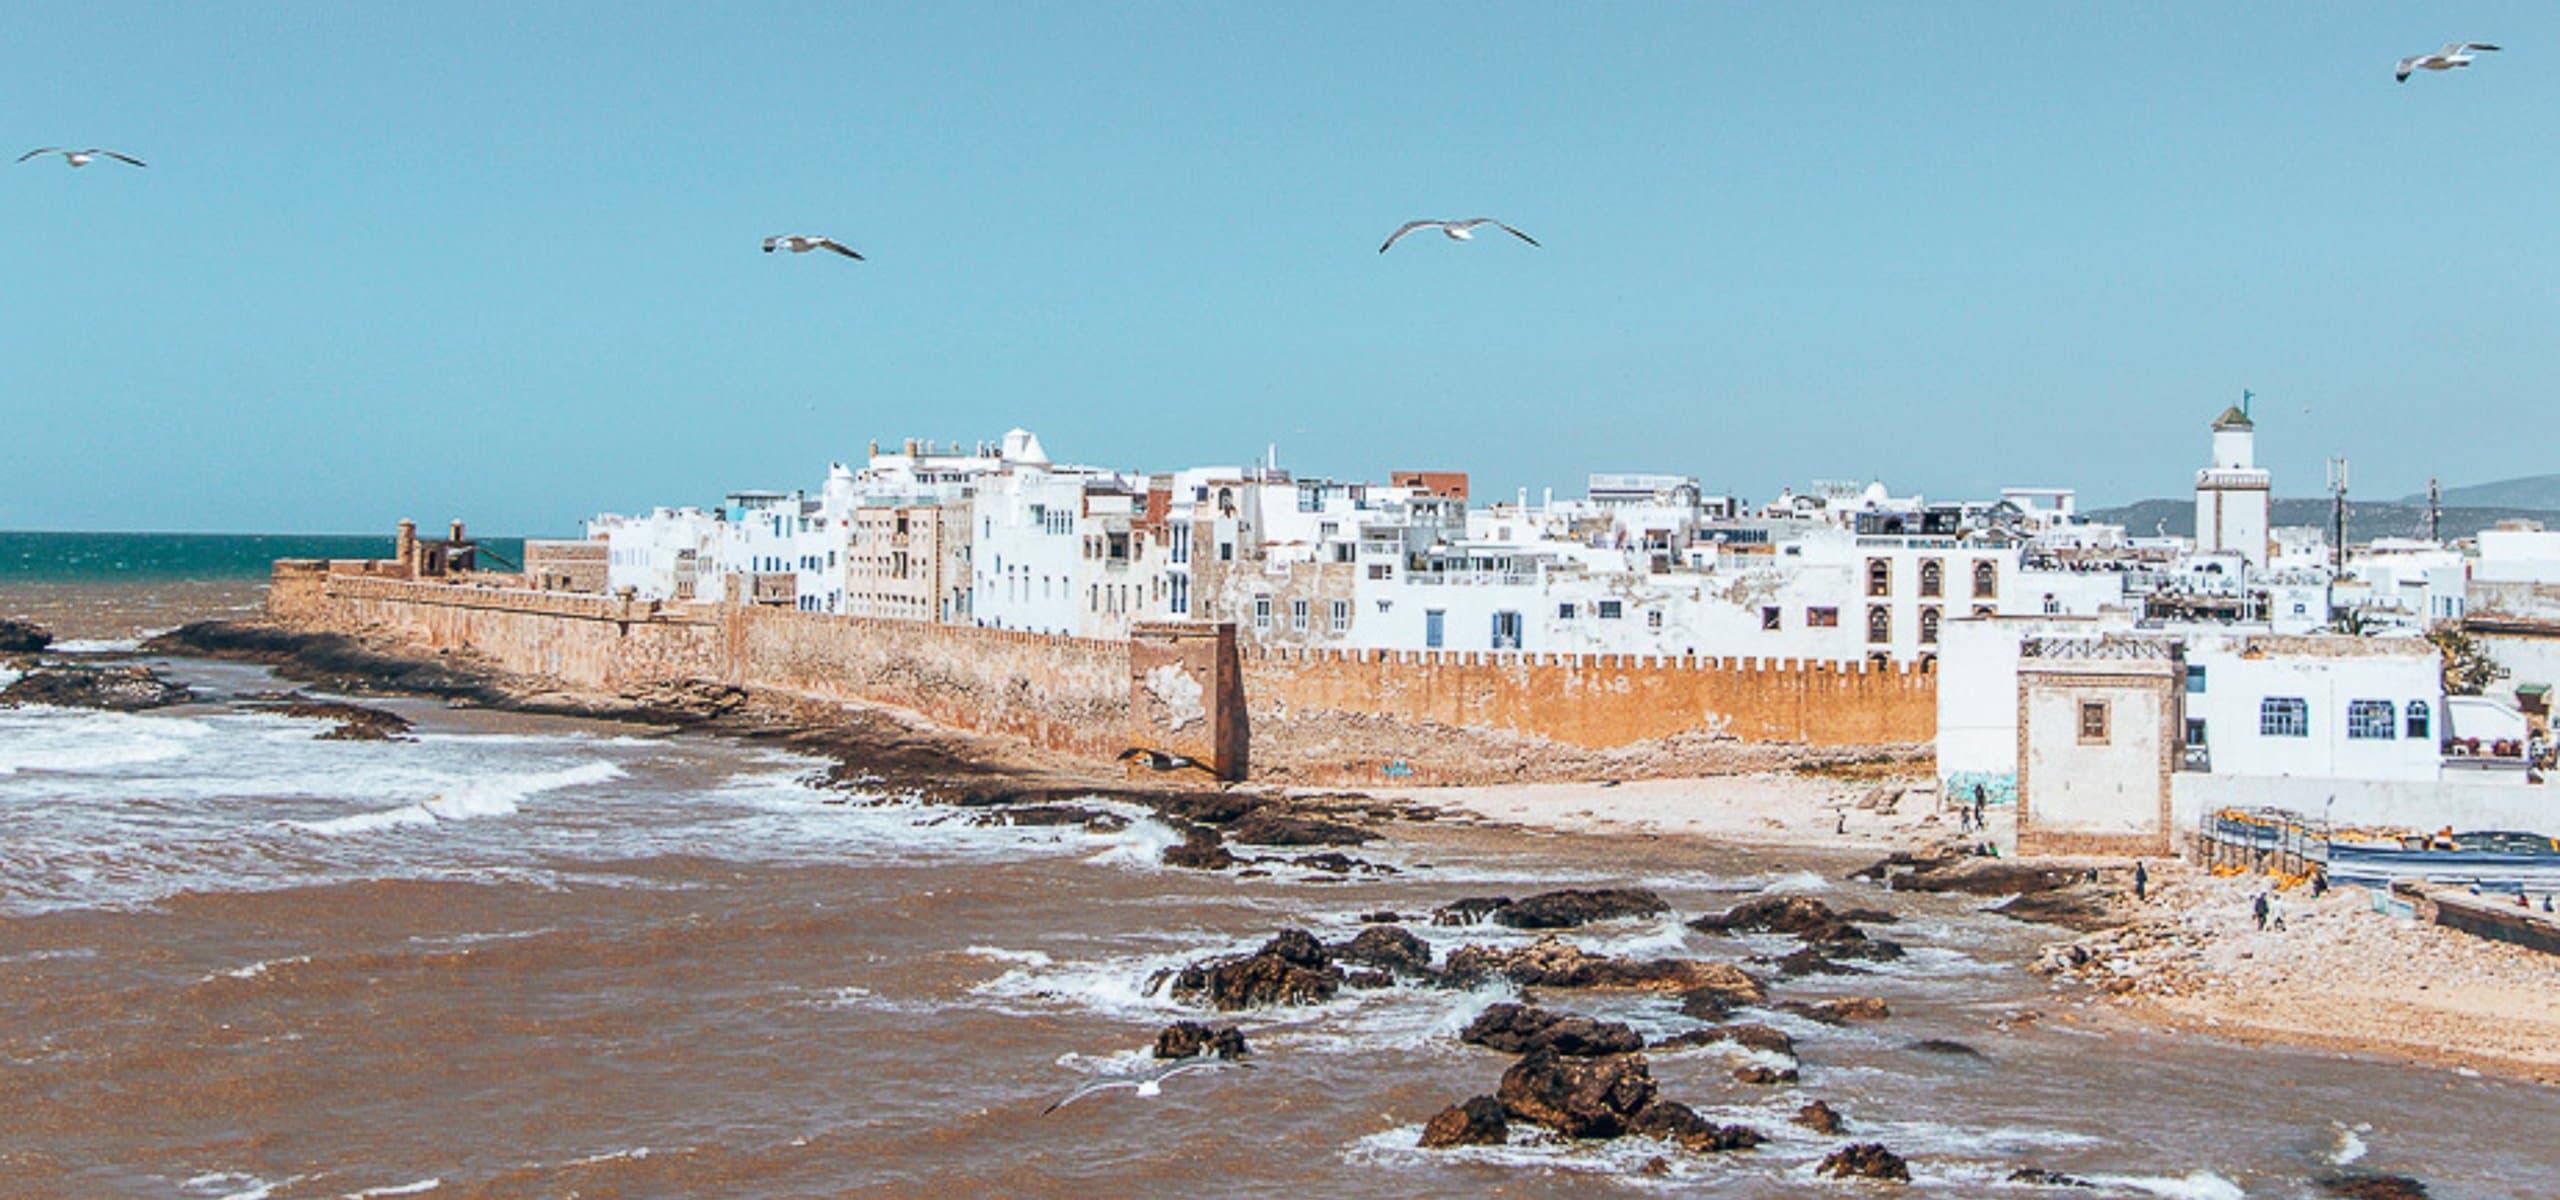 The view of Essaouira medina from Skala du Port, Essaouira Morocco